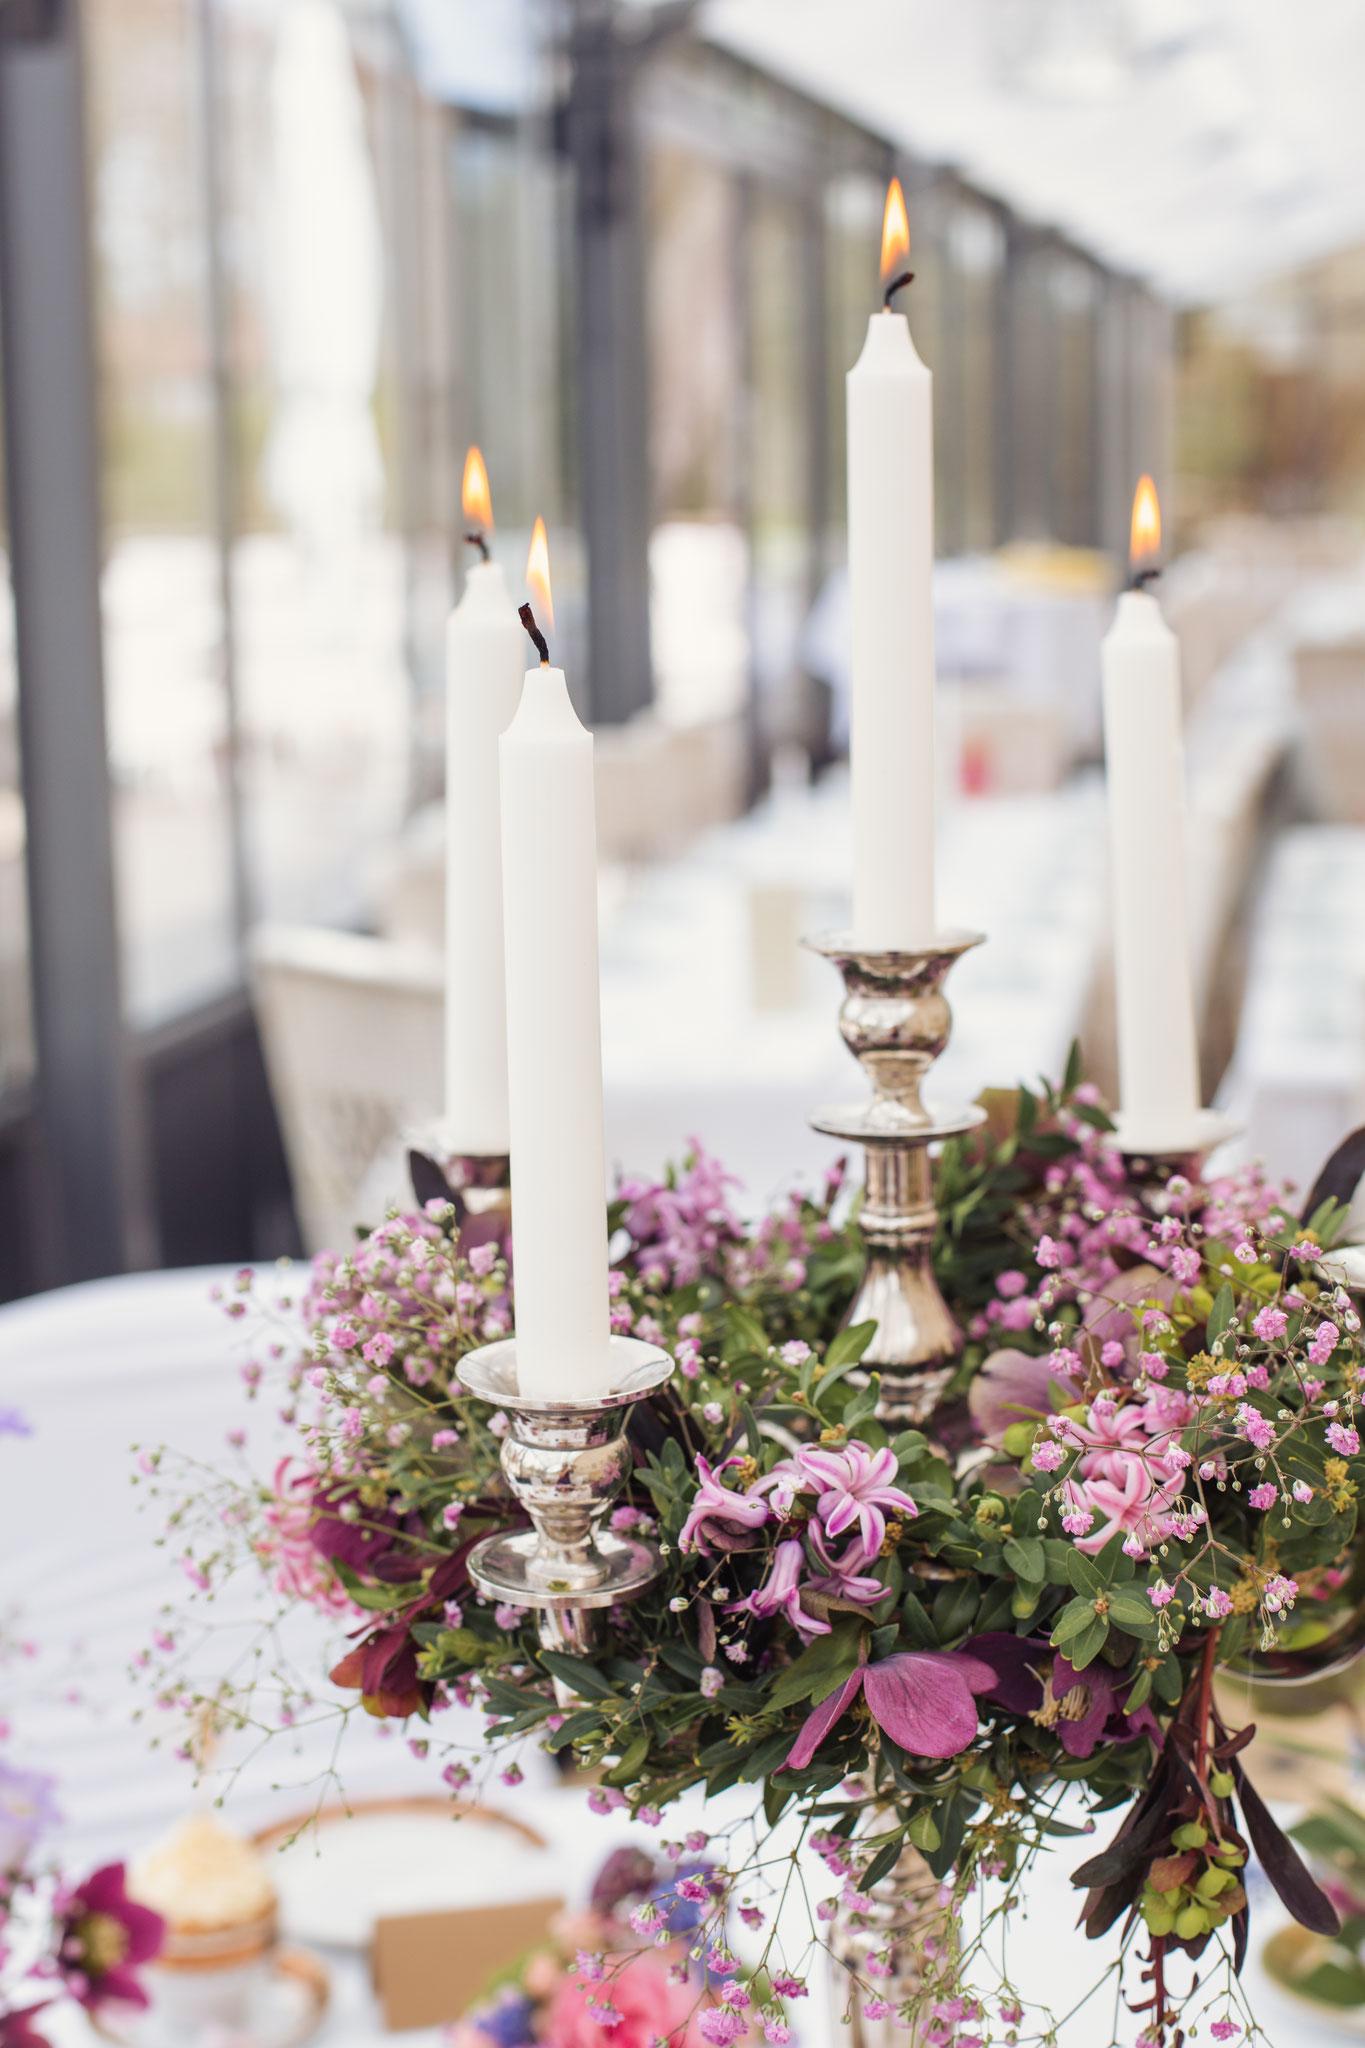 Kerzenleuchter mit Blumenkranz